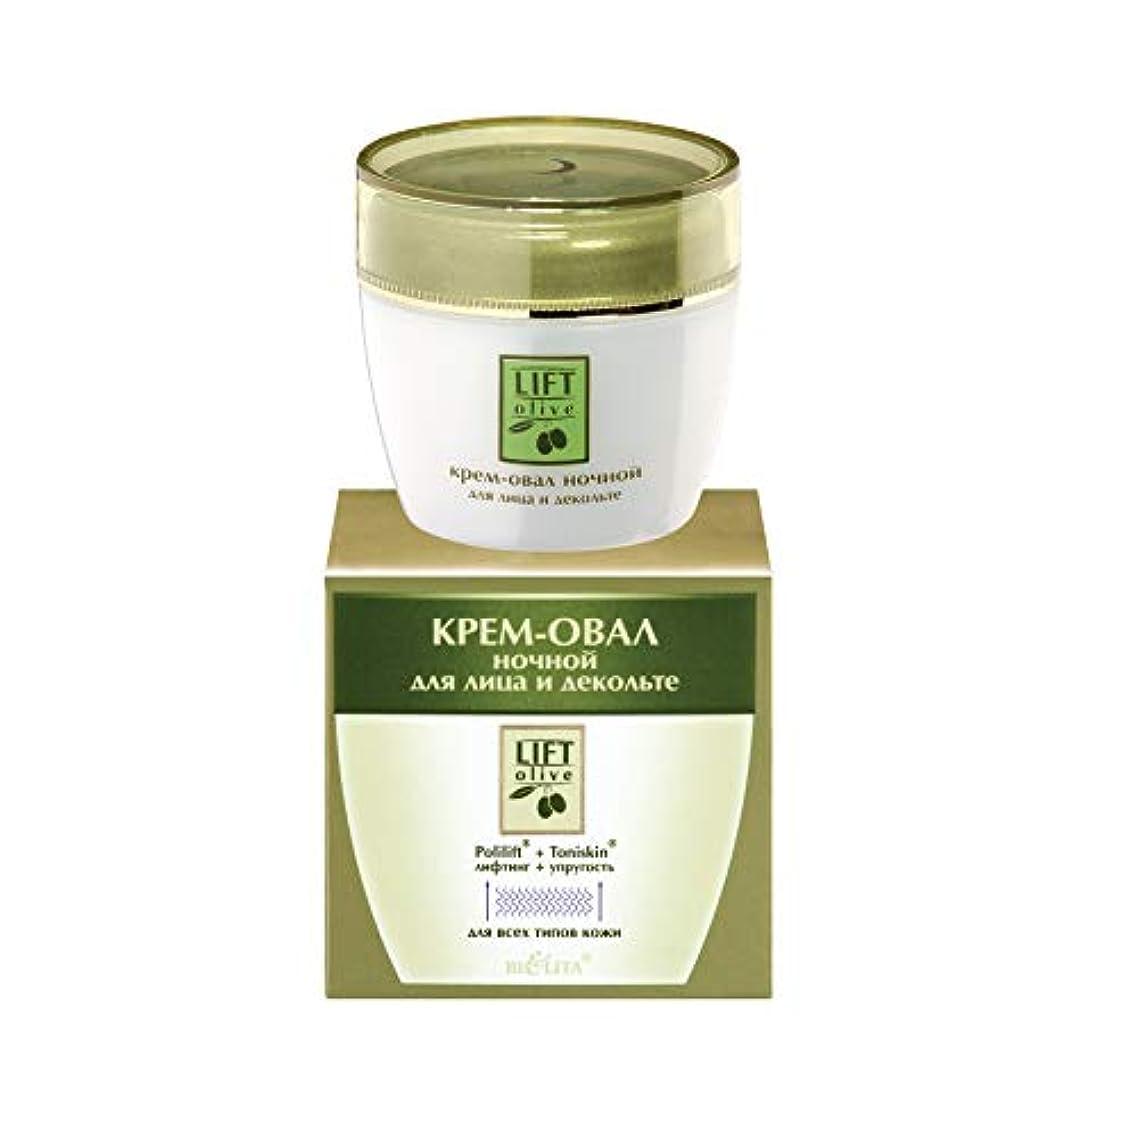 仕事に行く表面的な透けるBielita & Vitex | Lift Olive Line | Night Contour Cream for Face and Neck 30+ for All Skin Types, 50 ml | Olive...